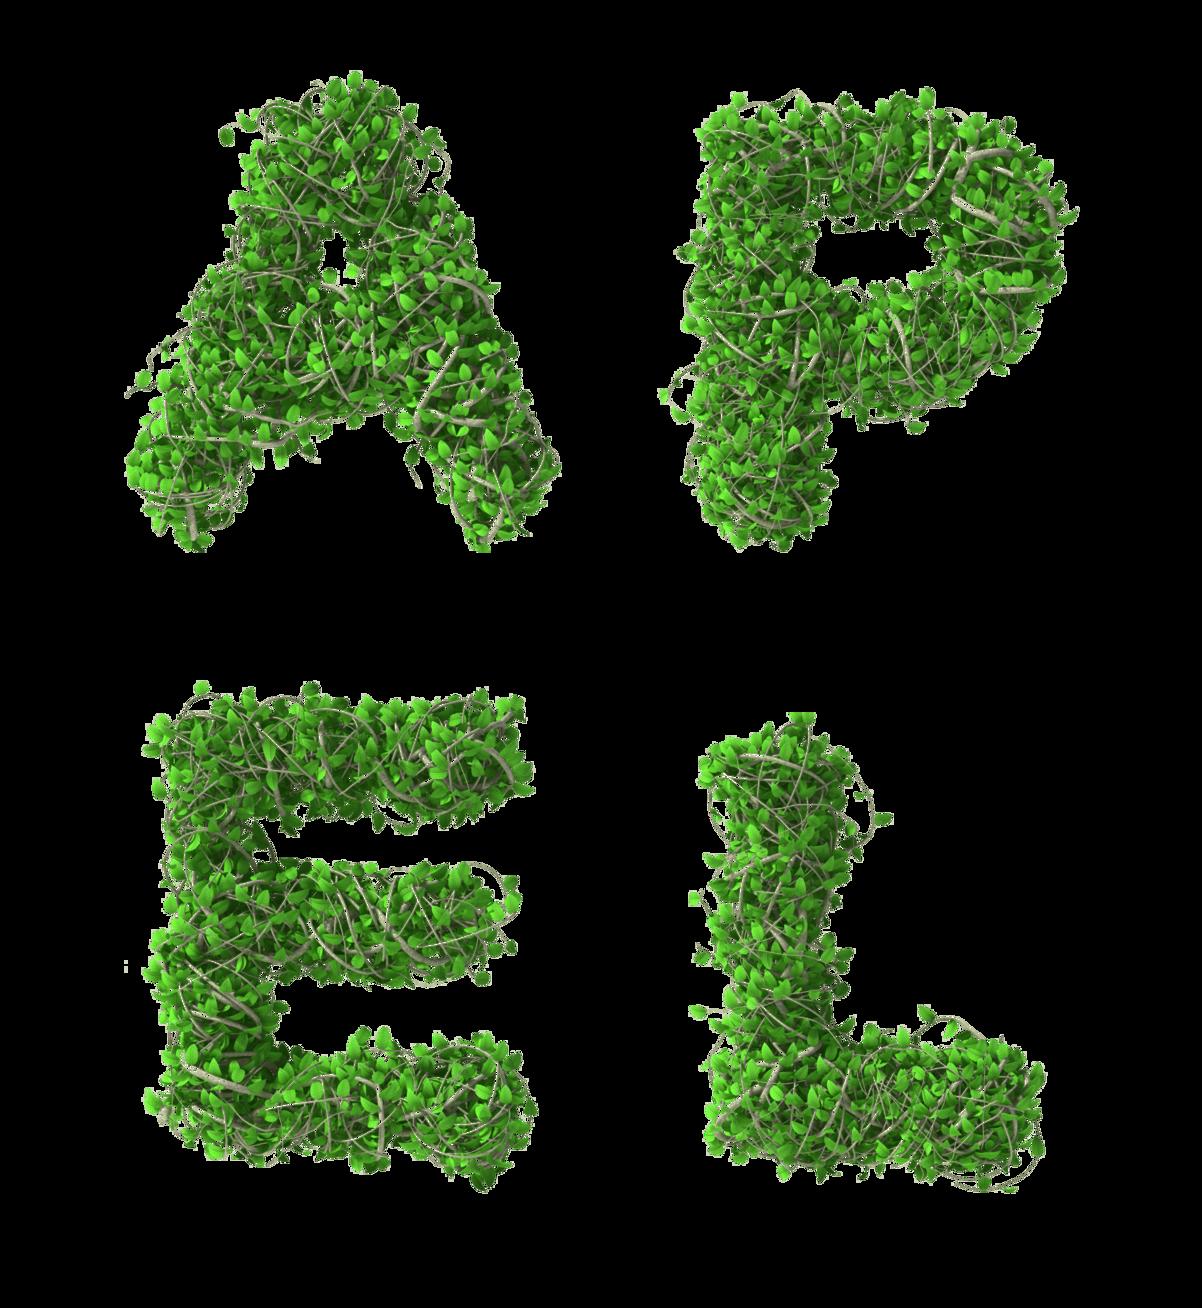 Apel in grünem Busch geschrieben - Altenheime Apel betreiben 5 Einrichtungen für Altenpflege & Seniorenbetreuung in Geesthacht, nähe Hamburg